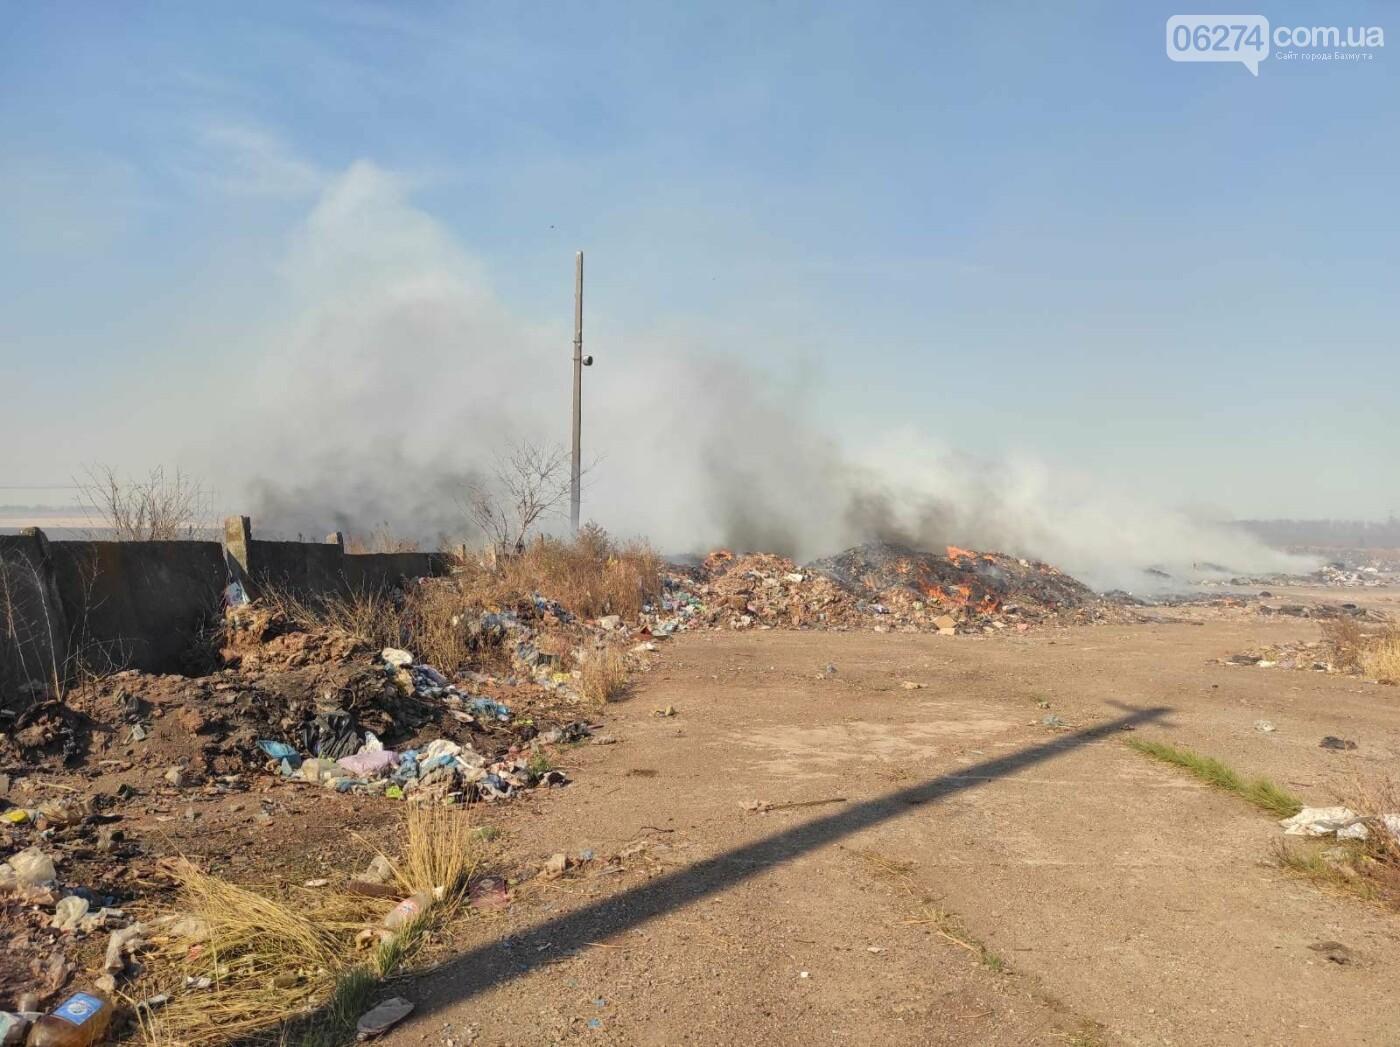 В Бахмутском районе продолжается ликвидация пожара на санкционированной свалке, фото-1